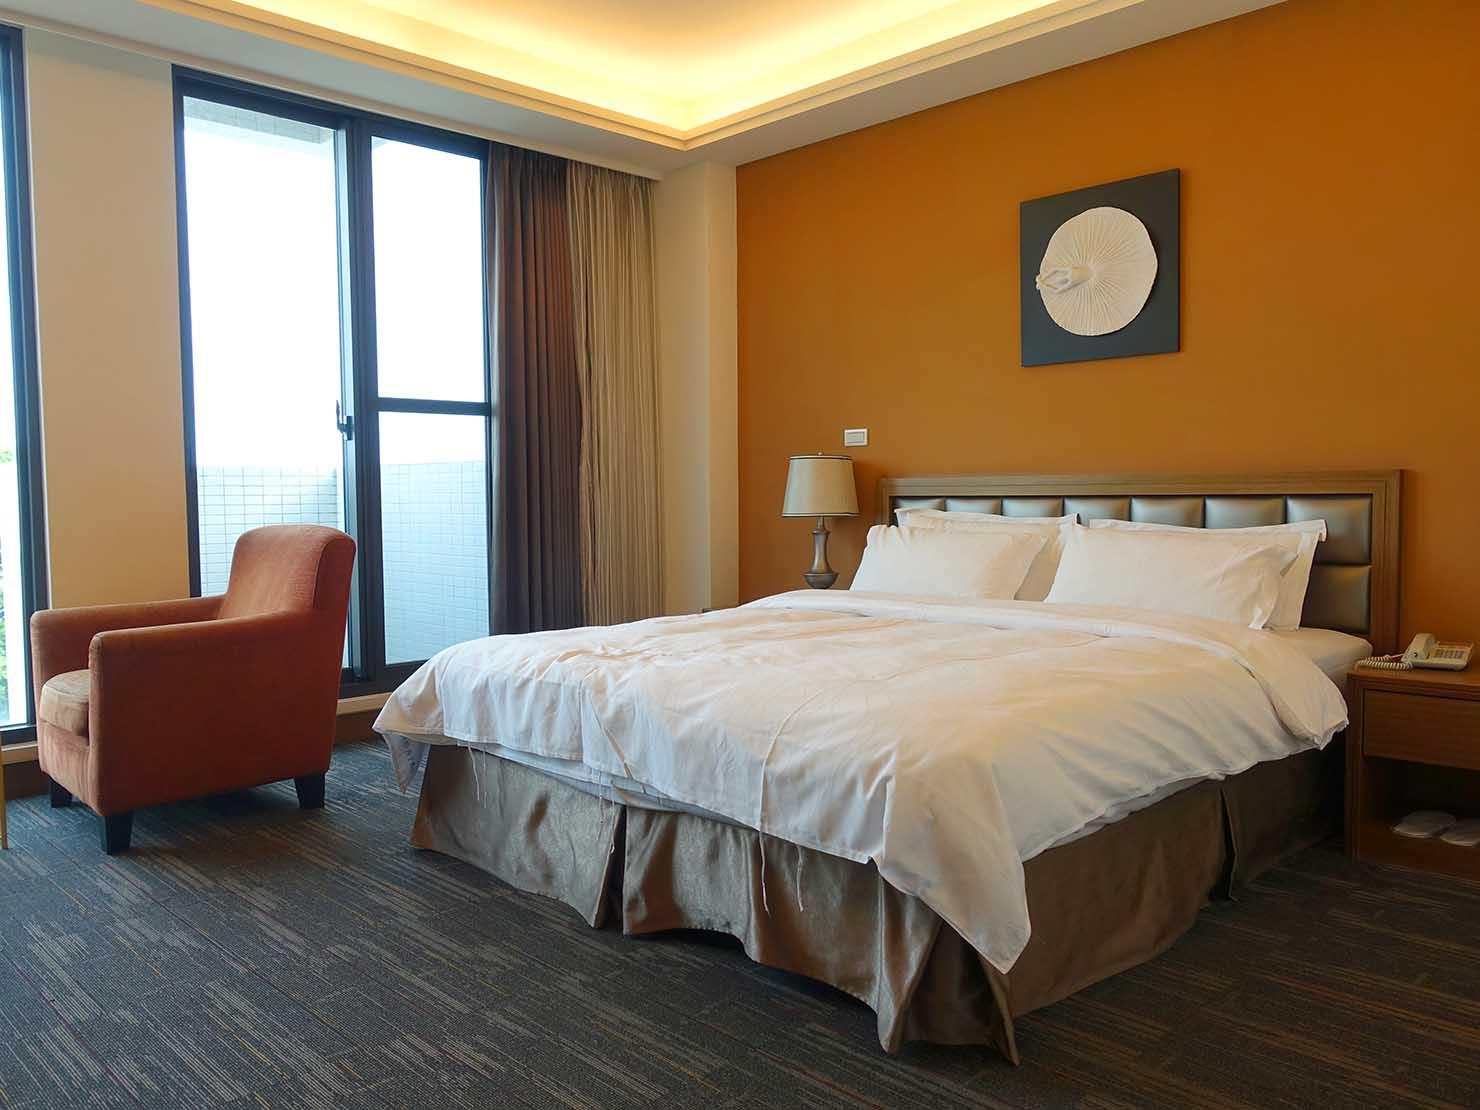 高雄・西子灣の港に立つ海辺のホテル「碧港良居 Watermark Hotel」玄関側から見た海景豪華房